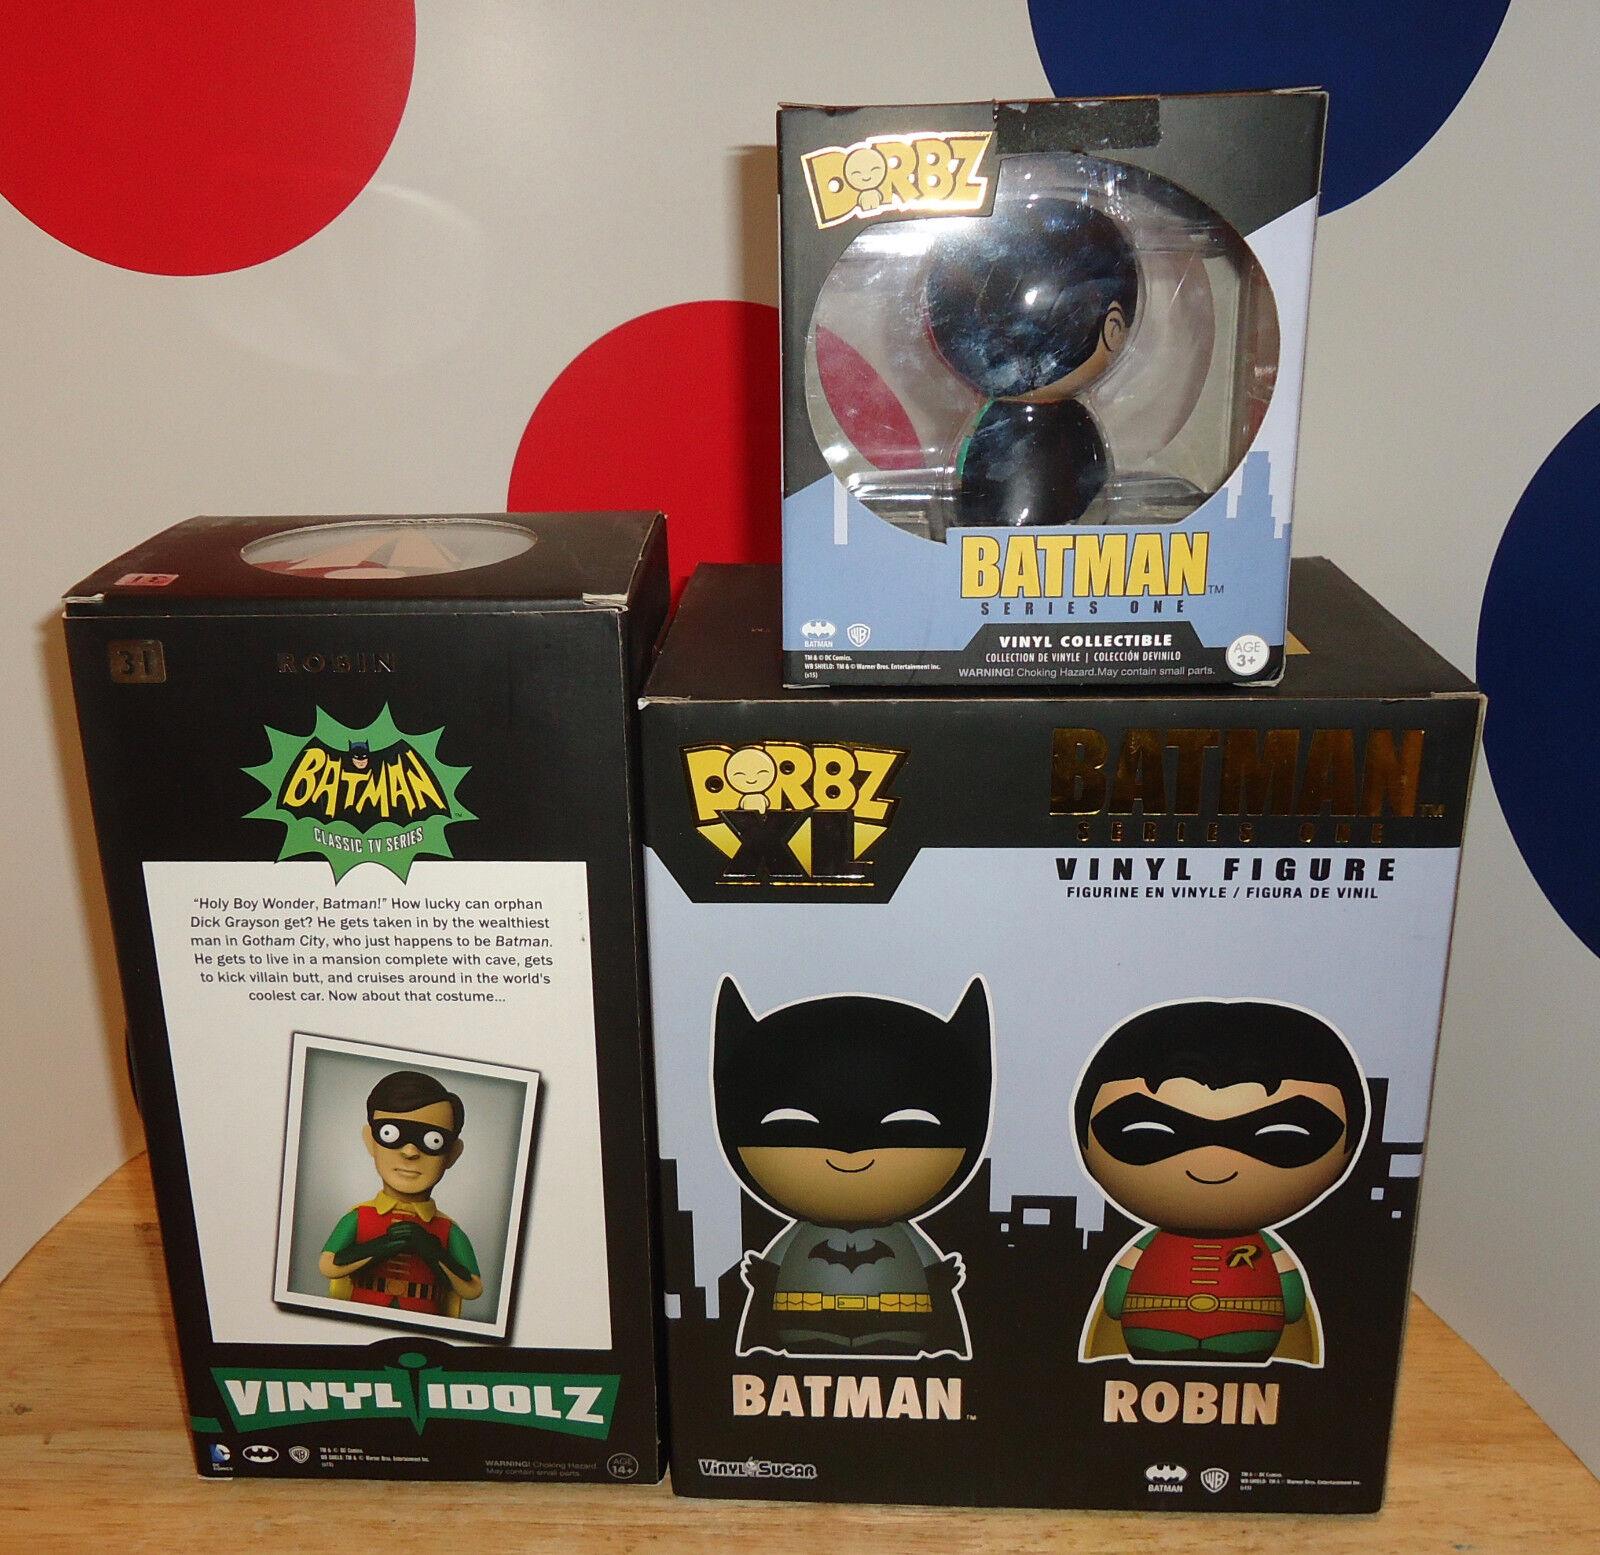 ROBIN THE BOY WONDER 3 VINYL FIGURE IDOLZ VINYL SUGAR SUGAR SUGAR WB Series 1 BATMAN DORBZ 15b191